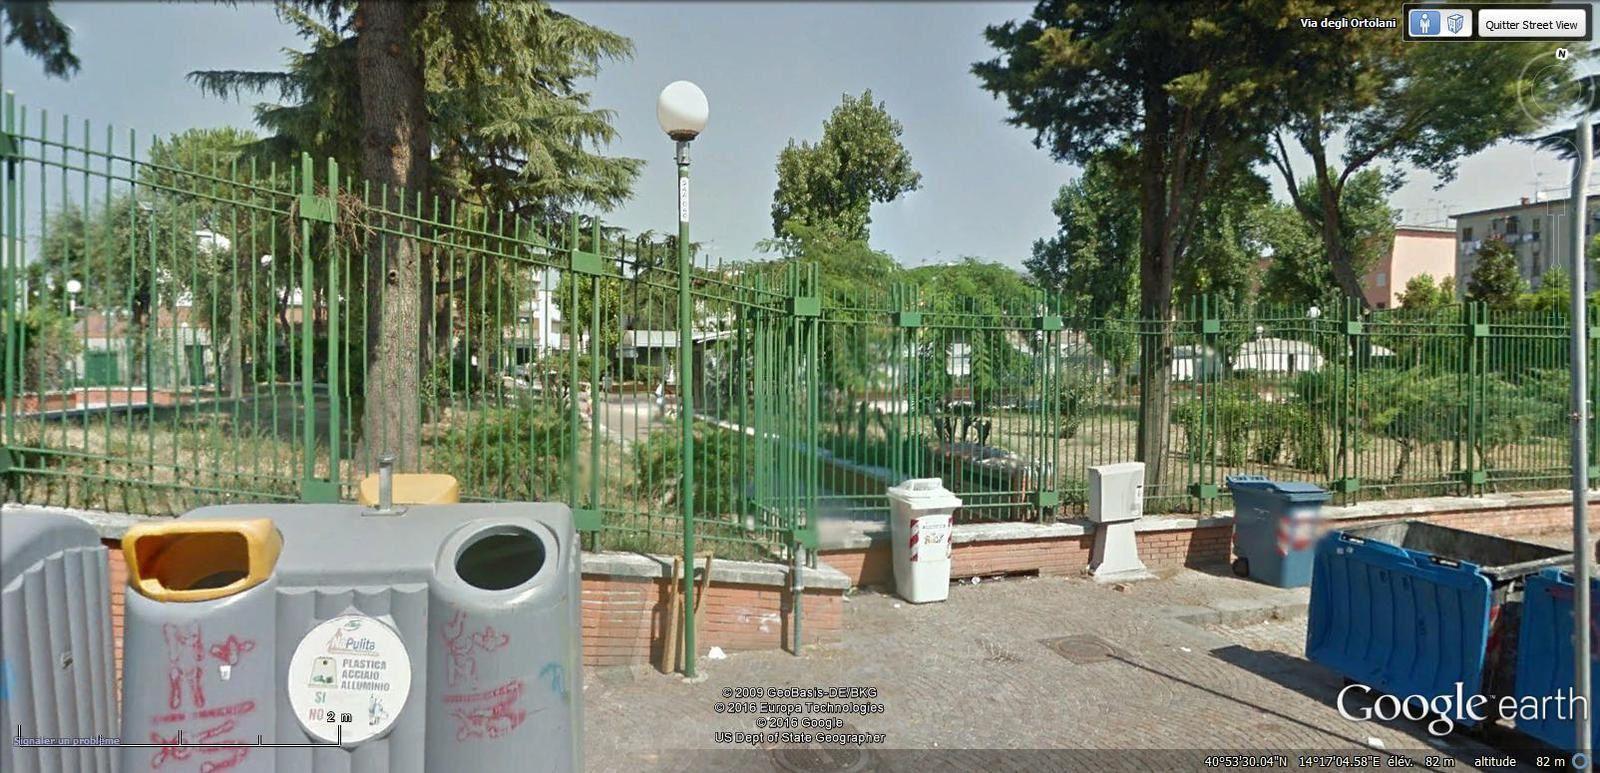 parc de la via degli Ortolani